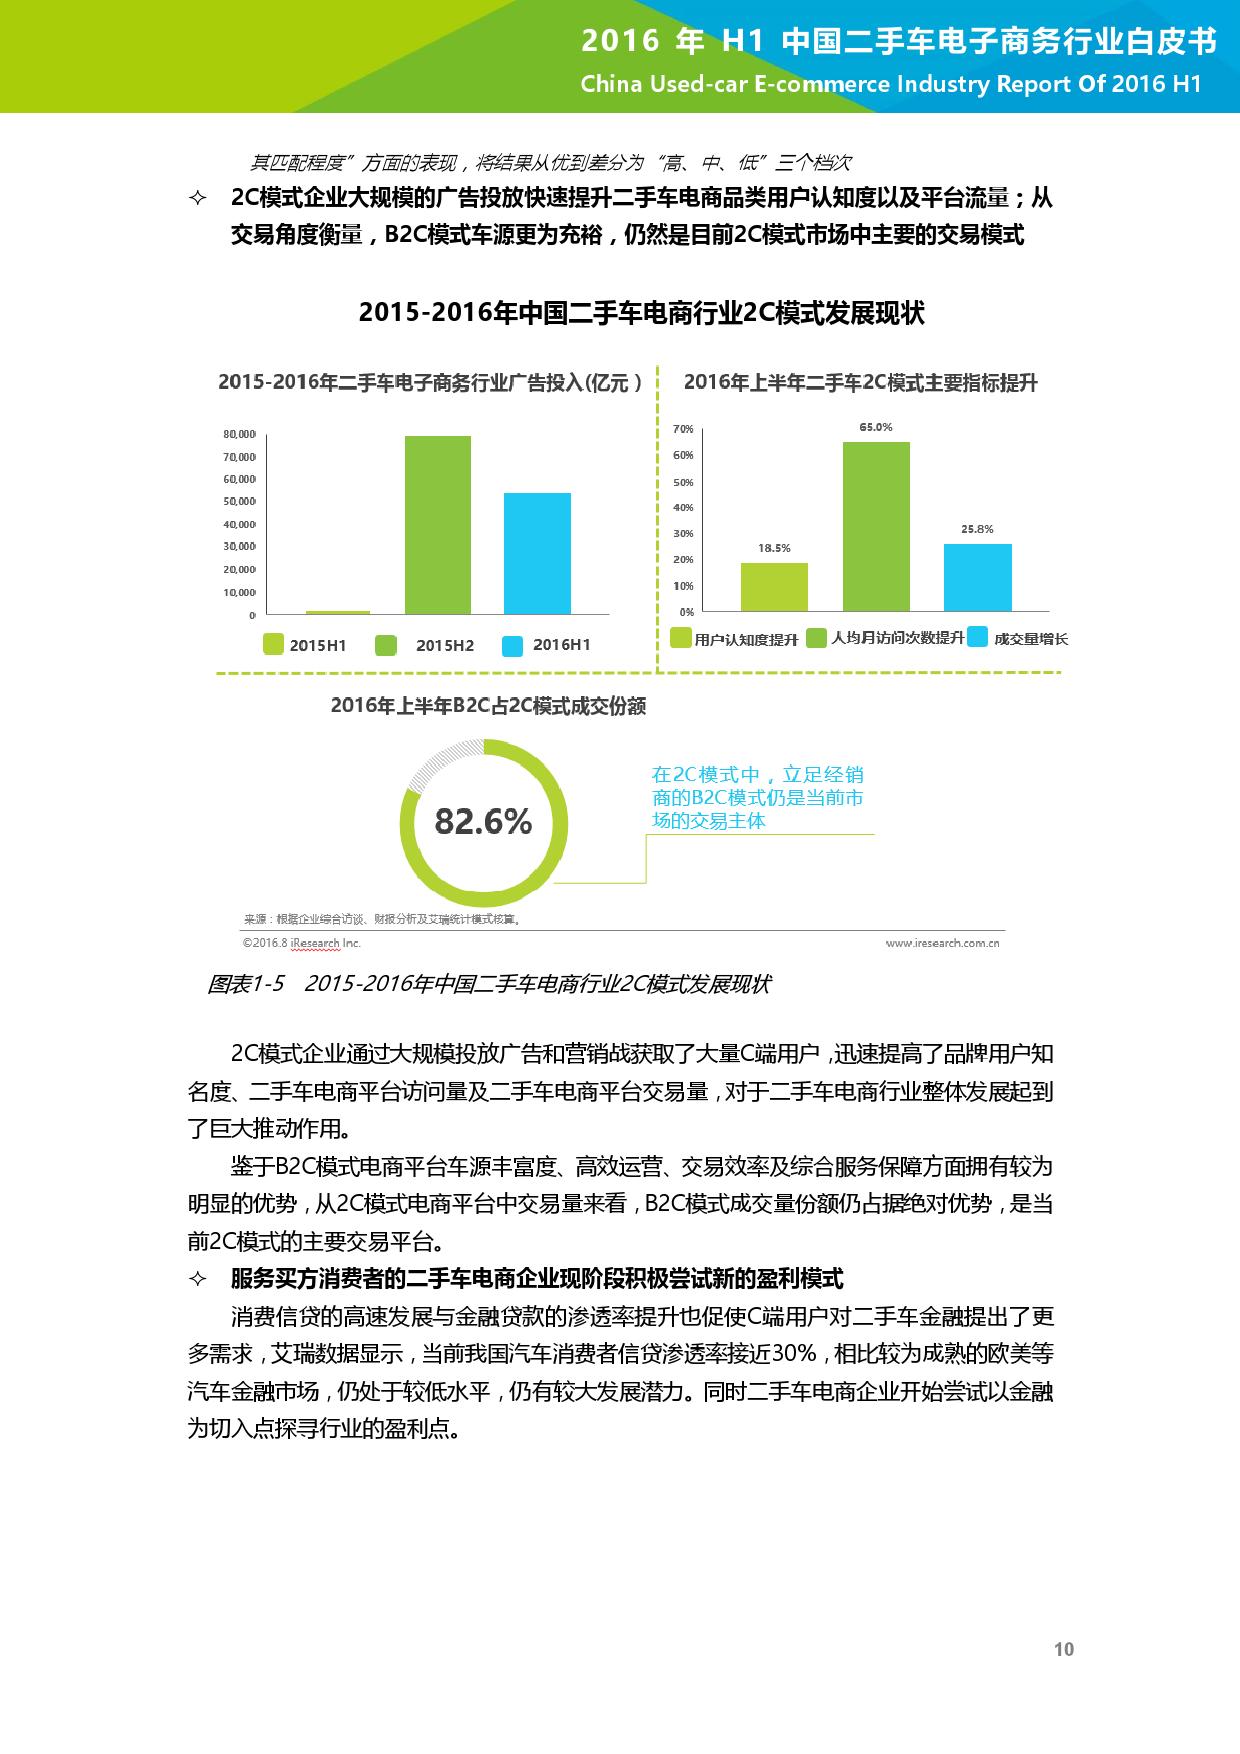 2016年H1中国二手车电子商务行业白皮书_000011